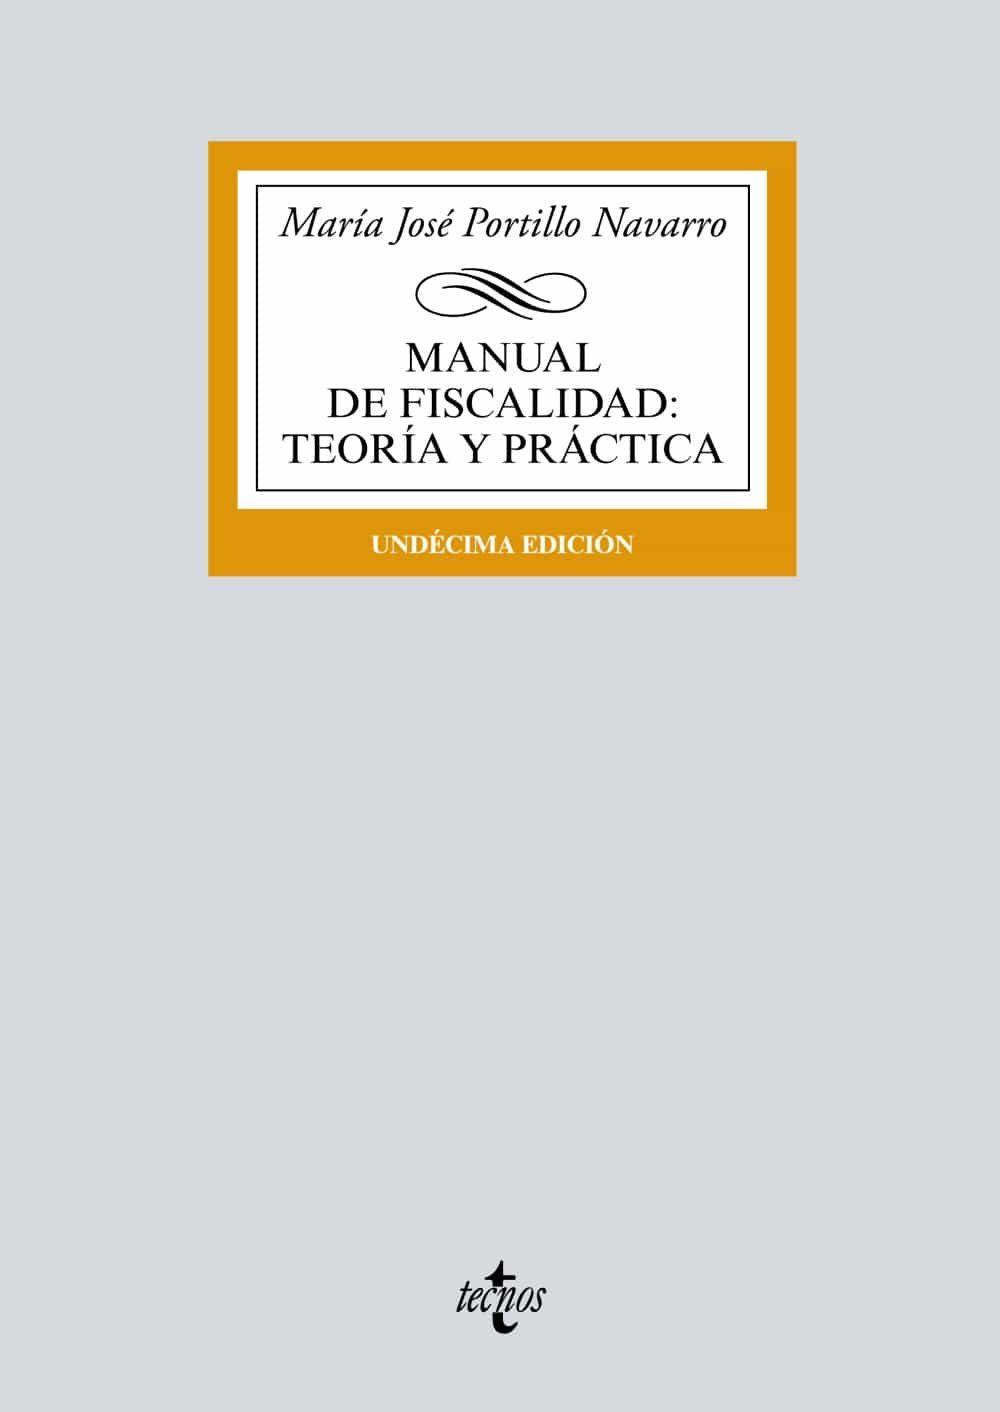 Ebooks Manual De Fiscalidad: Teoría Y Practica (11ª Ed.) Descargar PDF